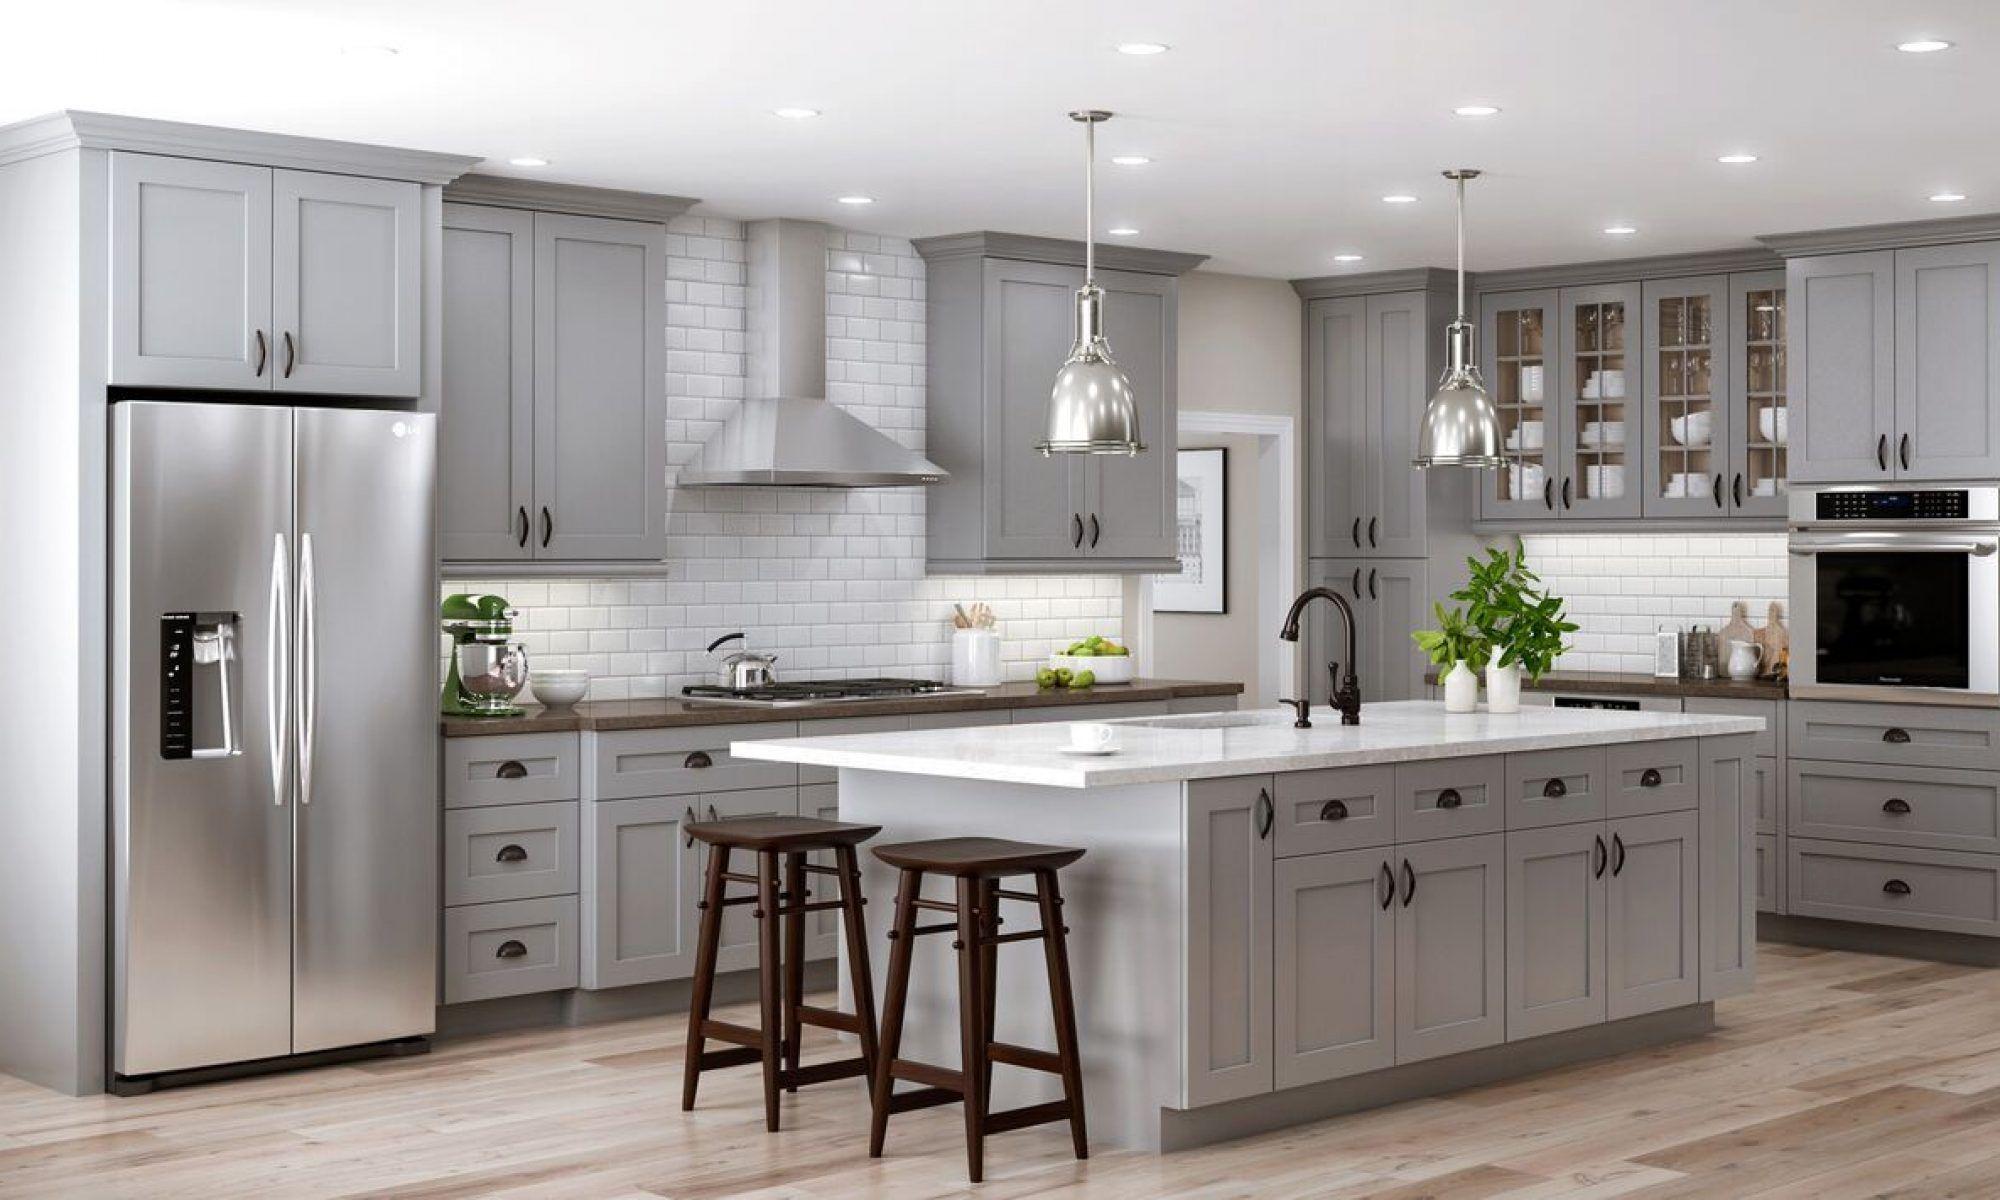 Marvelous Works Beautiful Kitchen Cabinets Grey Kitchen Walls Kitchen Cabinet Design